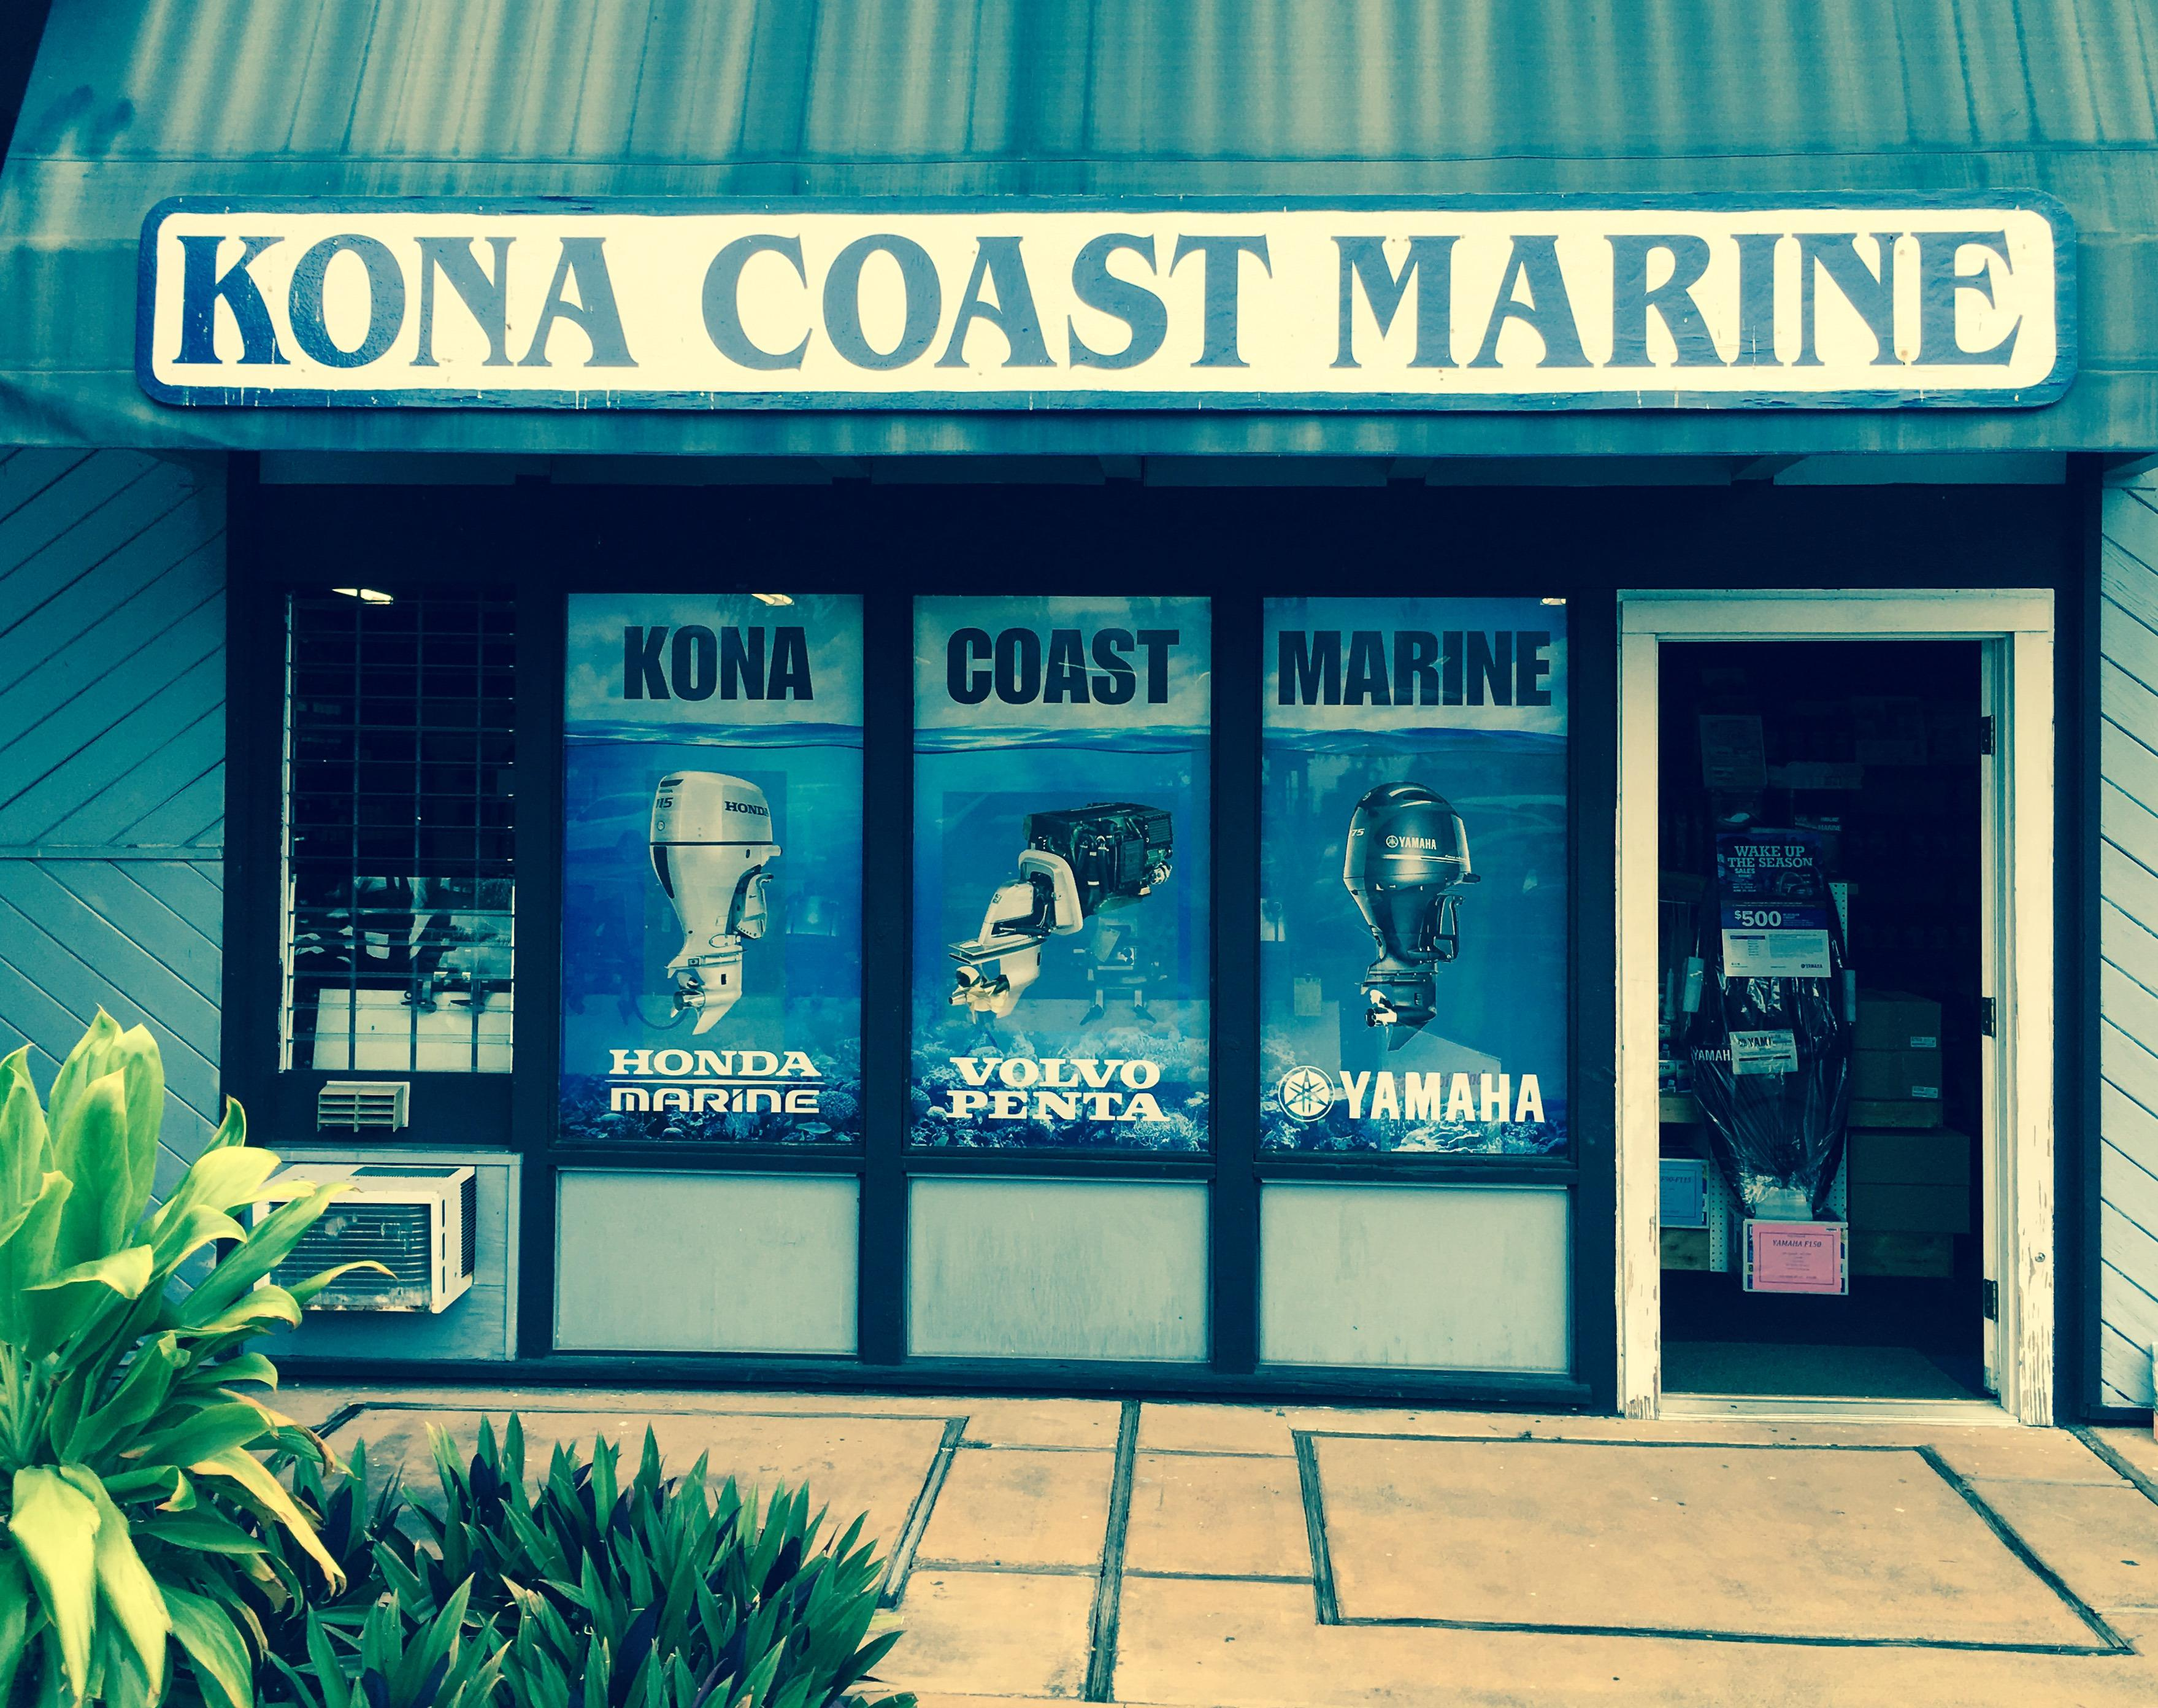 Kona coast marine coupons near me in kailua kona 8coupons for Certified yamaha outboard service near me